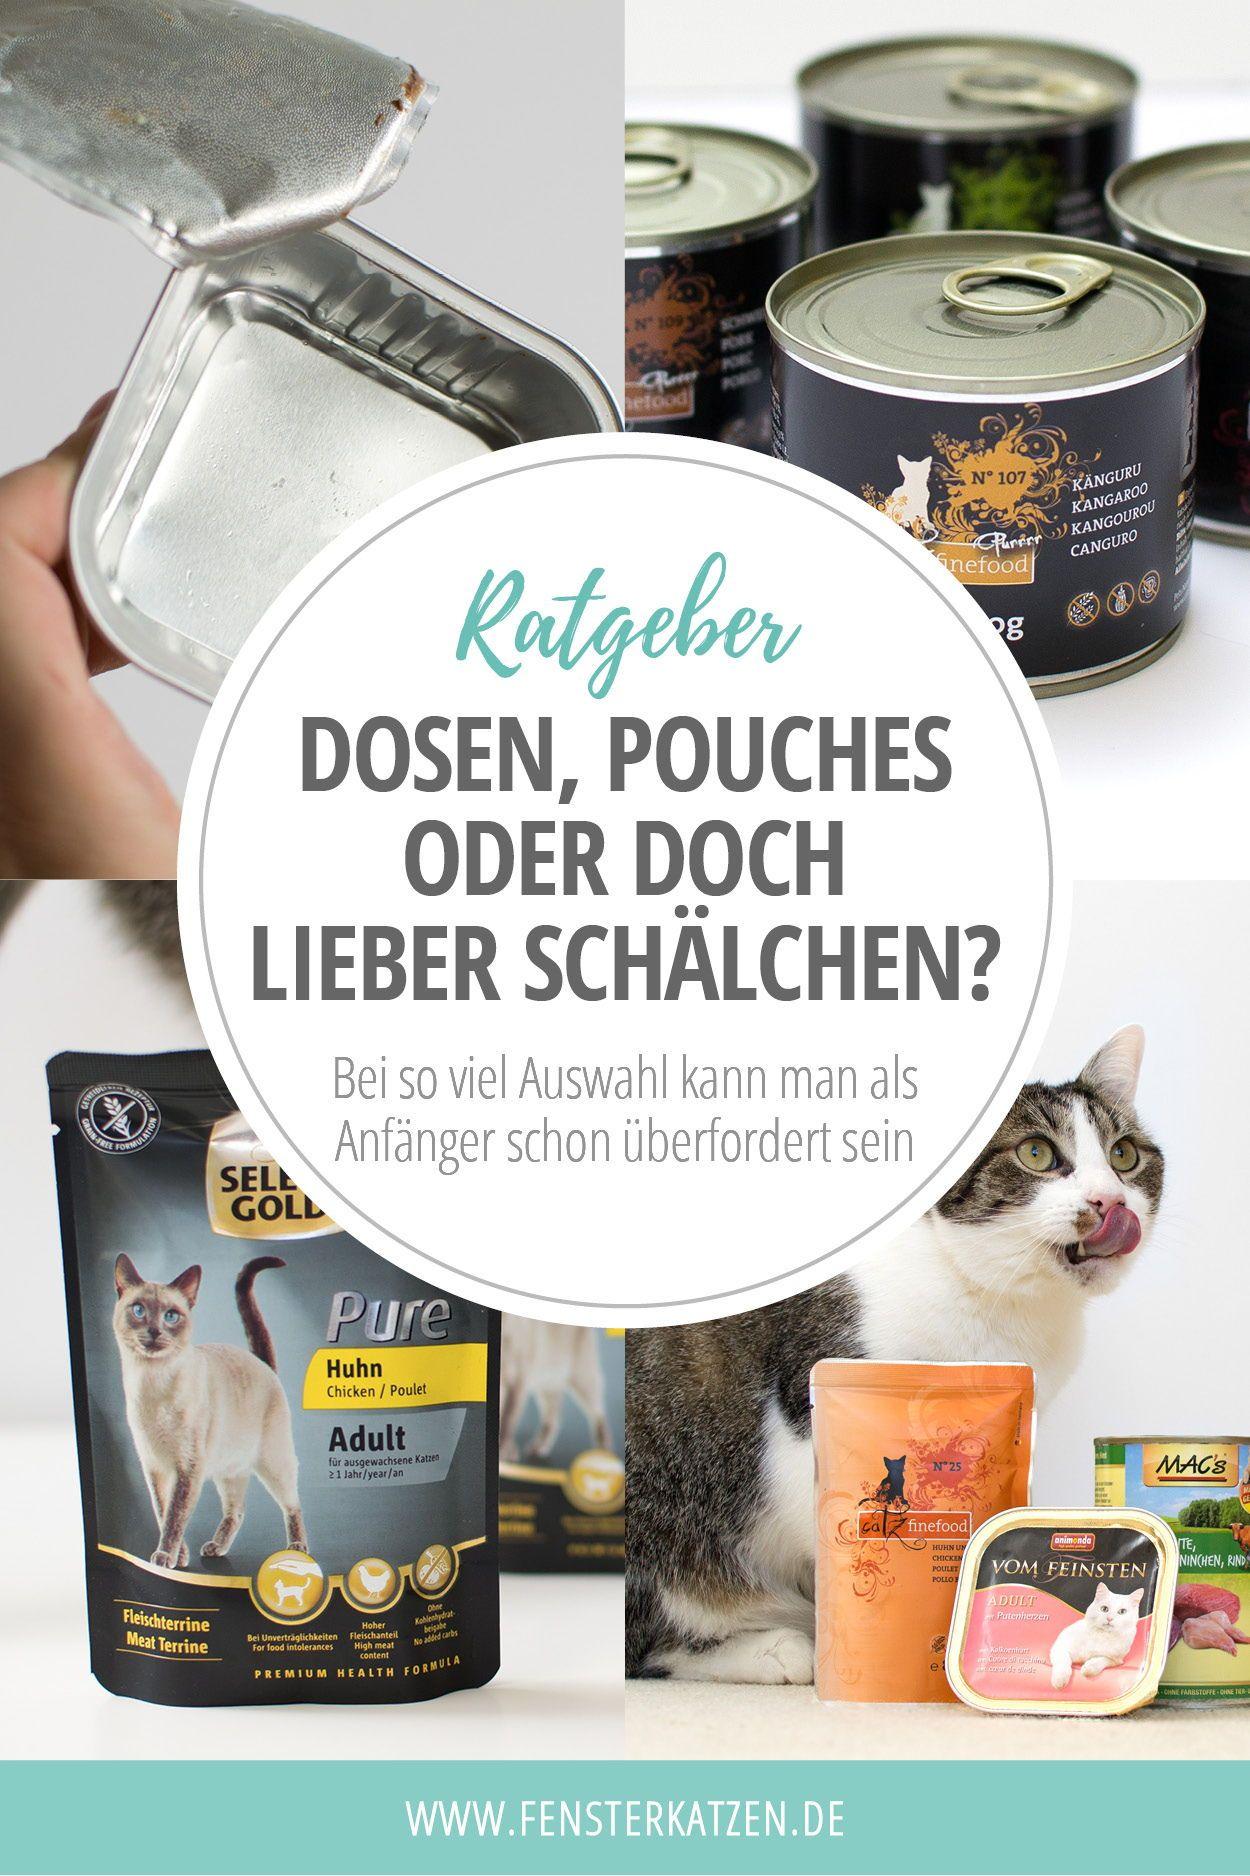 Dosen Pouches Oder Doch Lieber Schalchen Ratgeber Katzenhaltung Katzen Schale